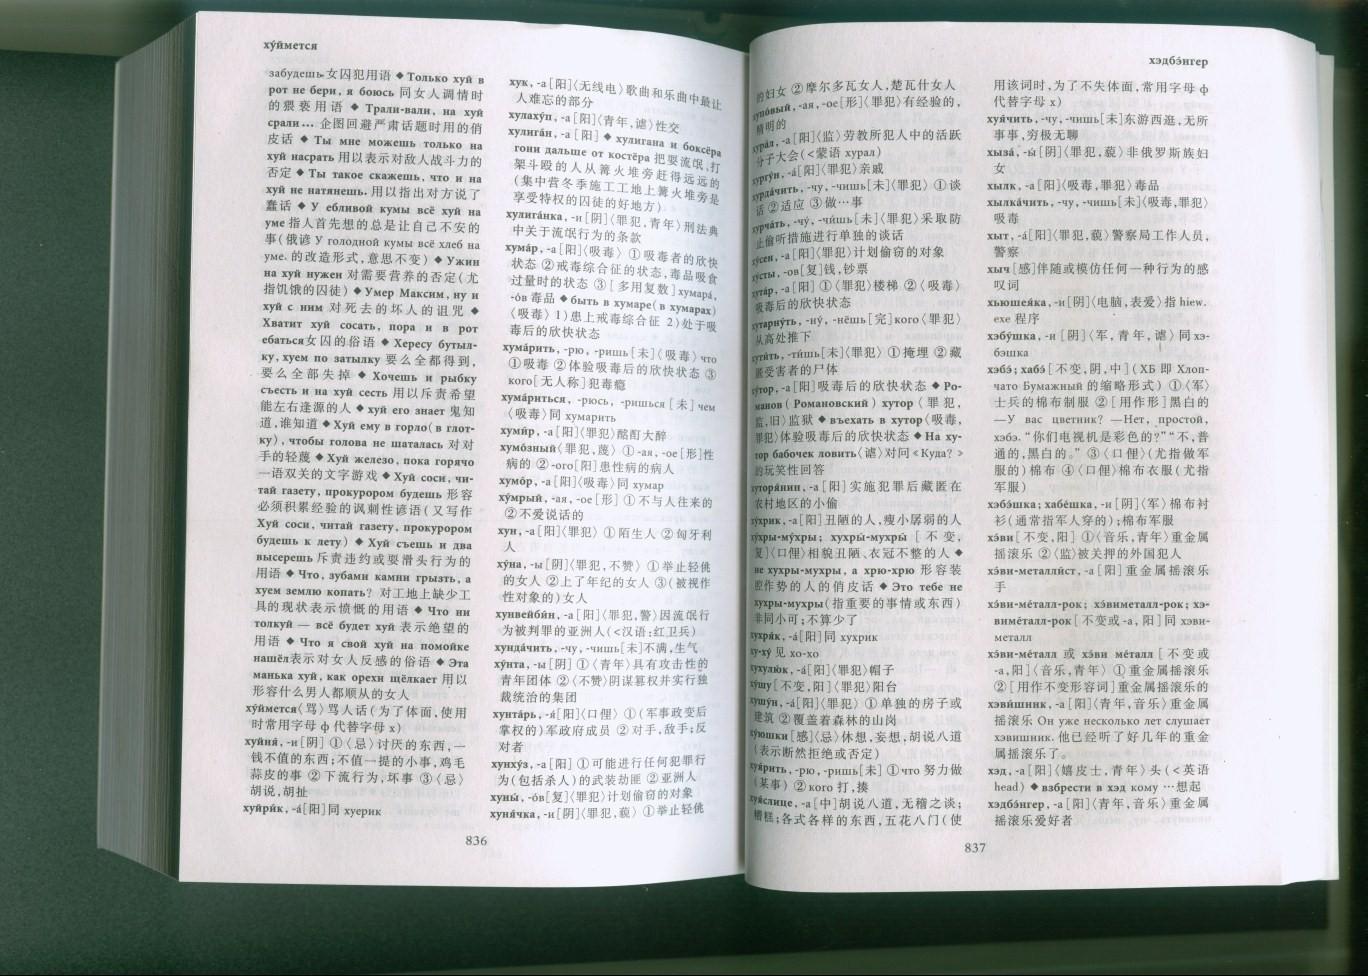 Слово хуй в русском словаре